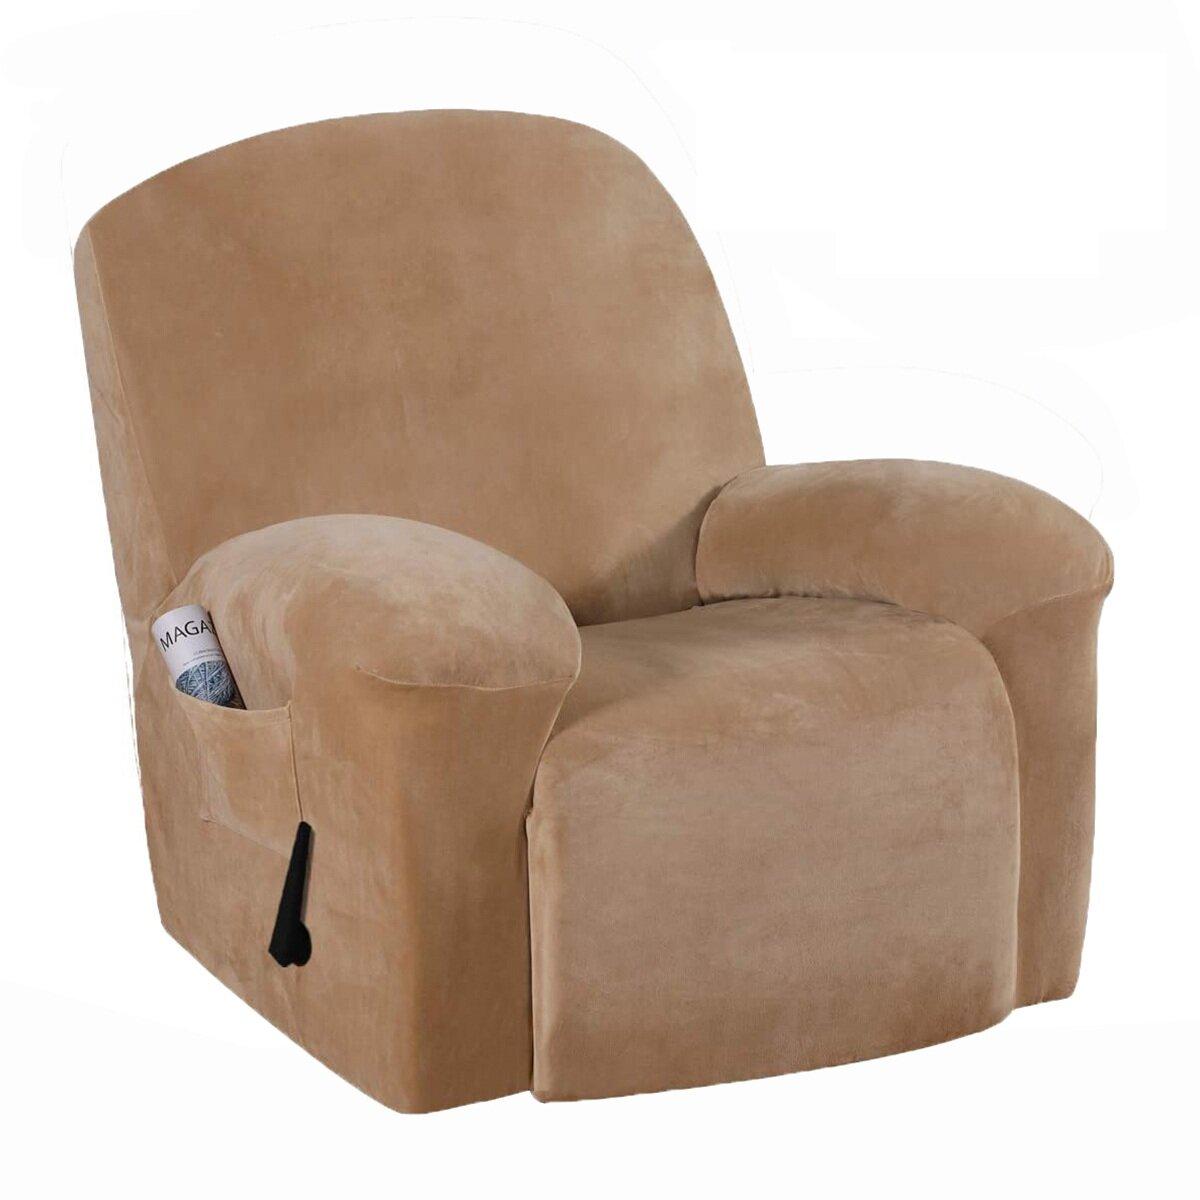 Red Barrel Studio Velvet Box Cushion Armchair Slipcover Wayfair